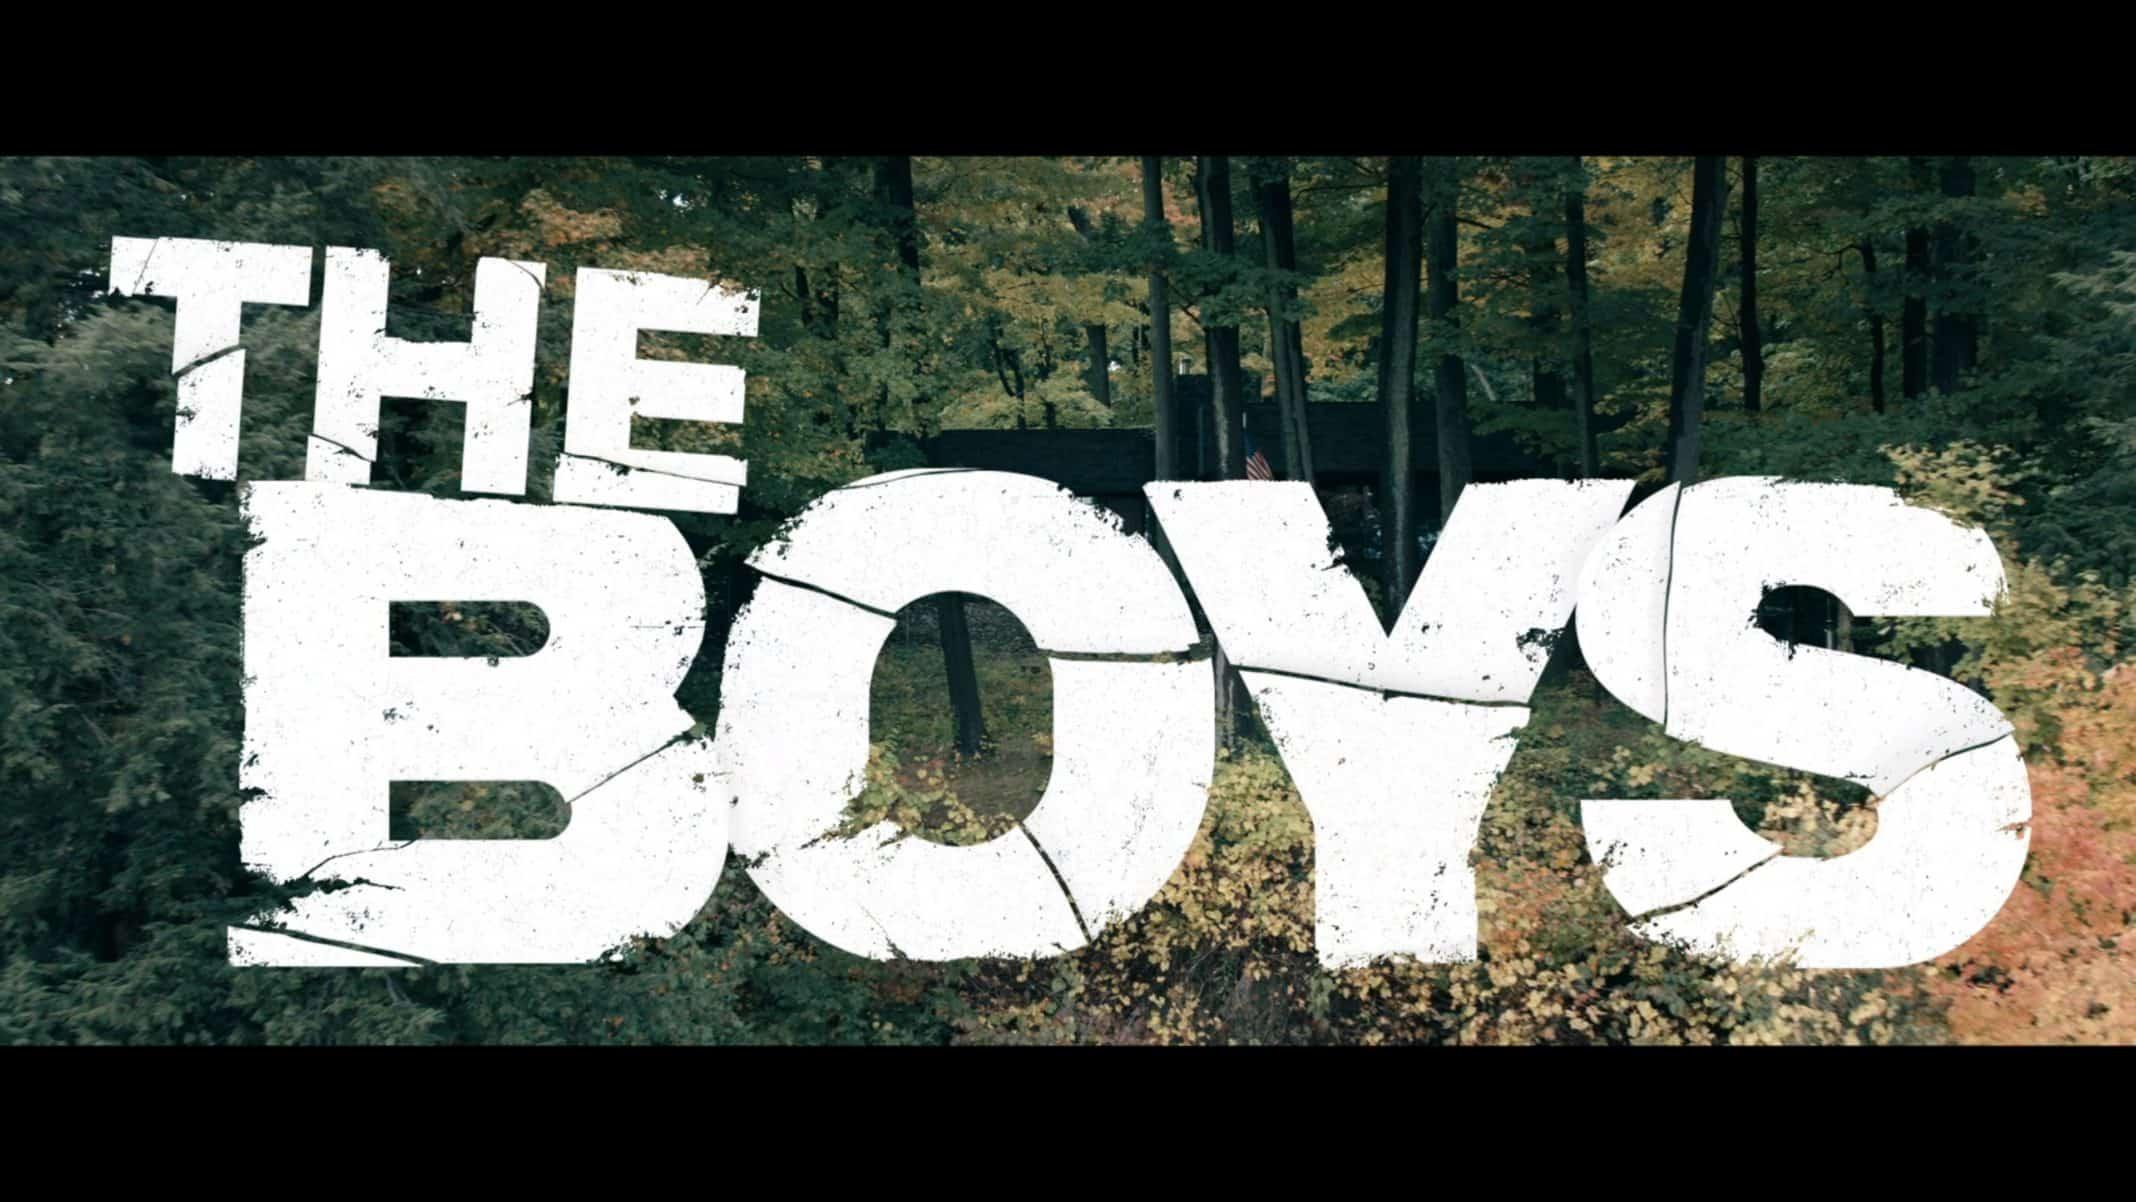 Title Card - The Boys Season 2 Episode 7